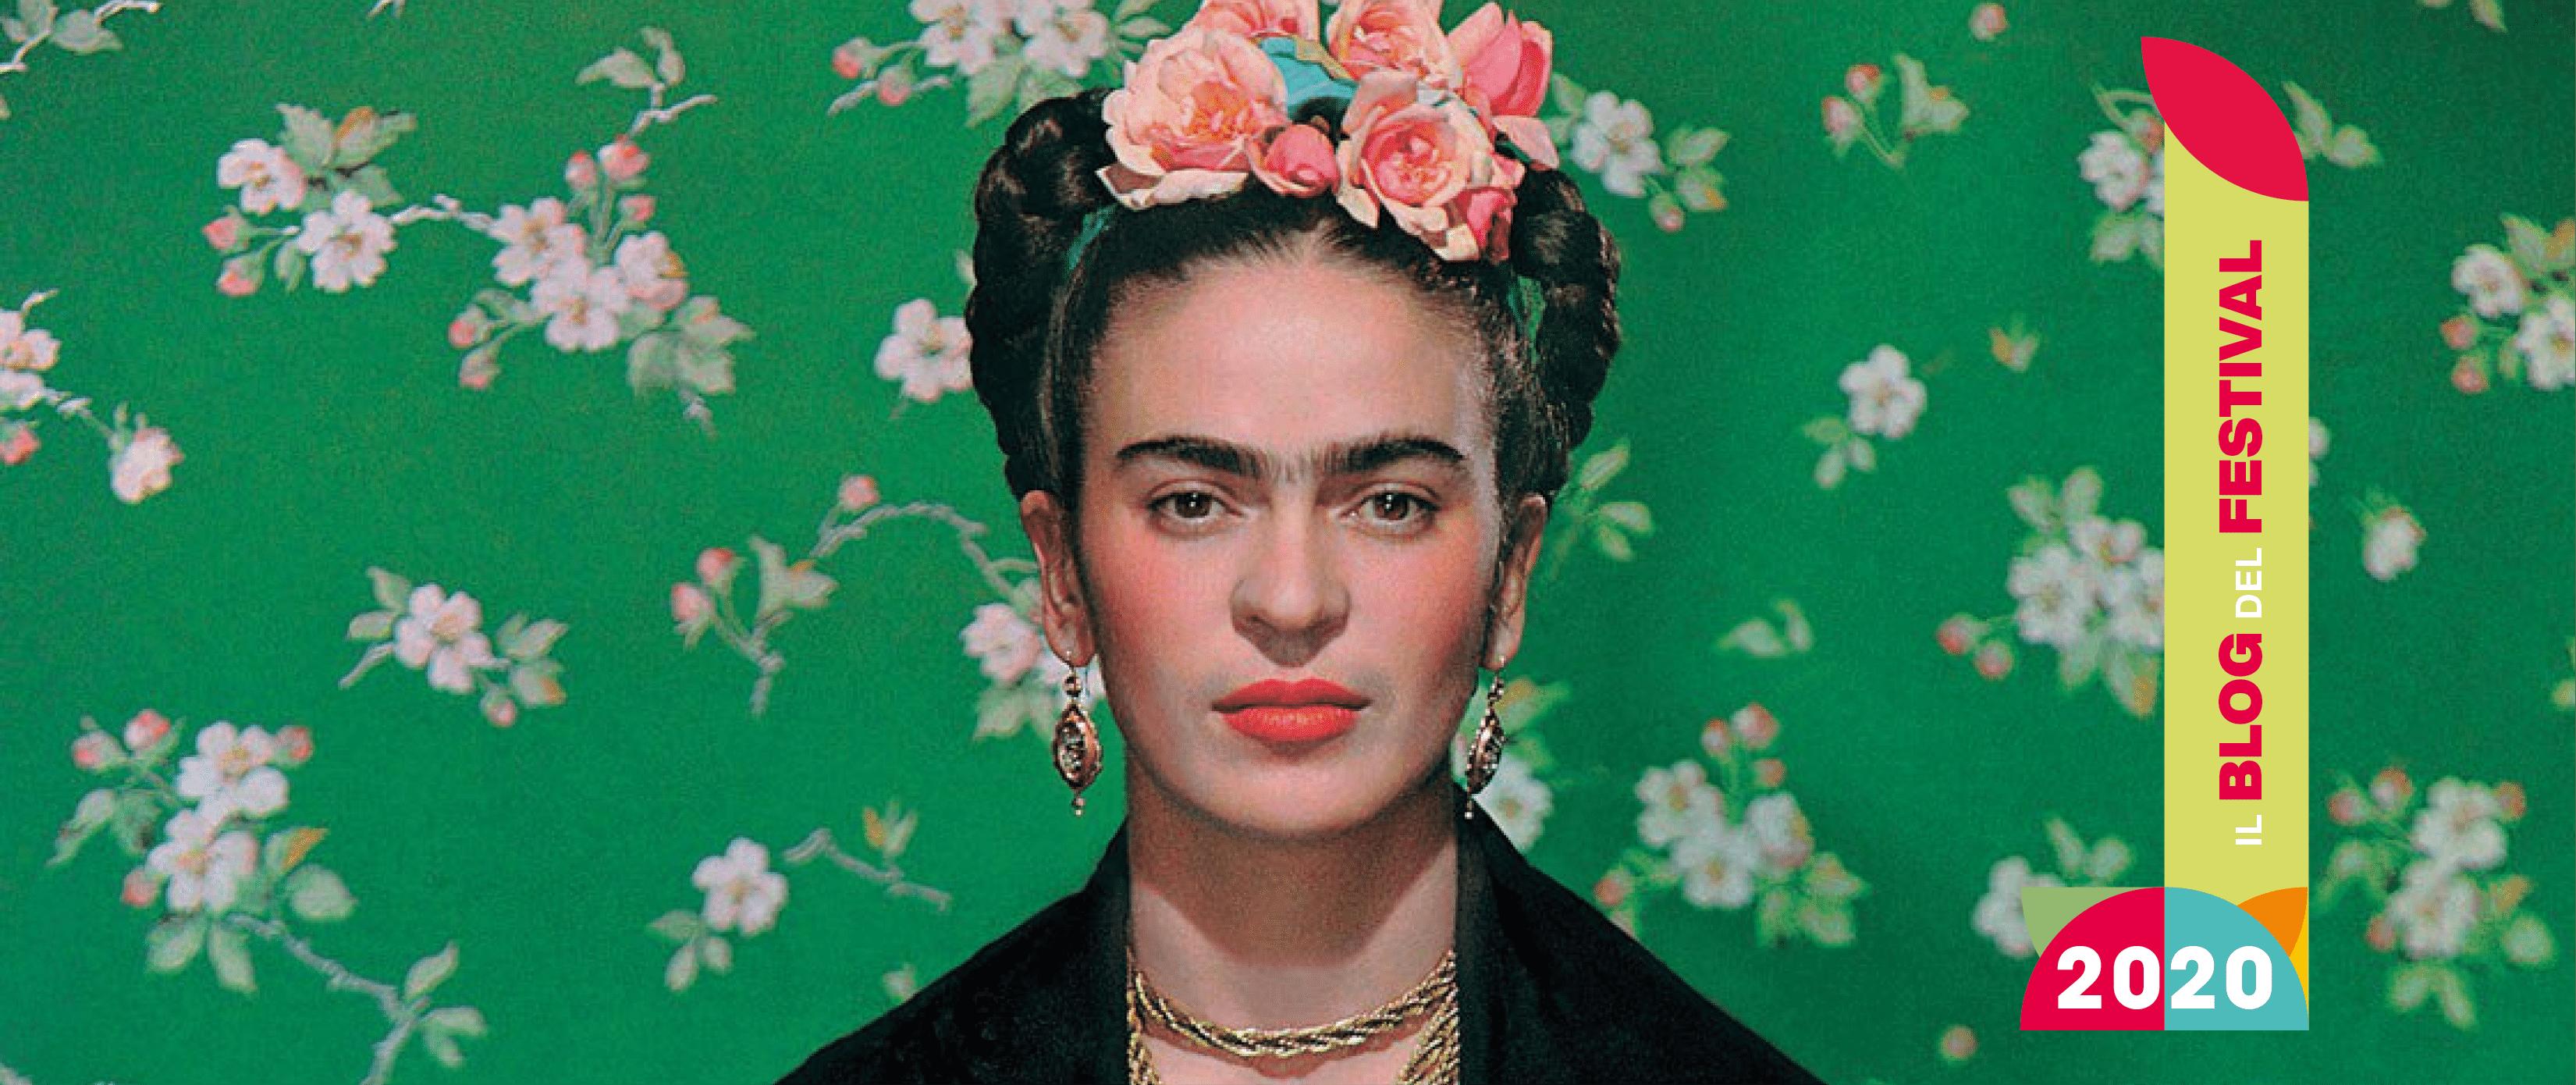 Chi è davvero Frida Kahlo: 5 curiosità su di lei